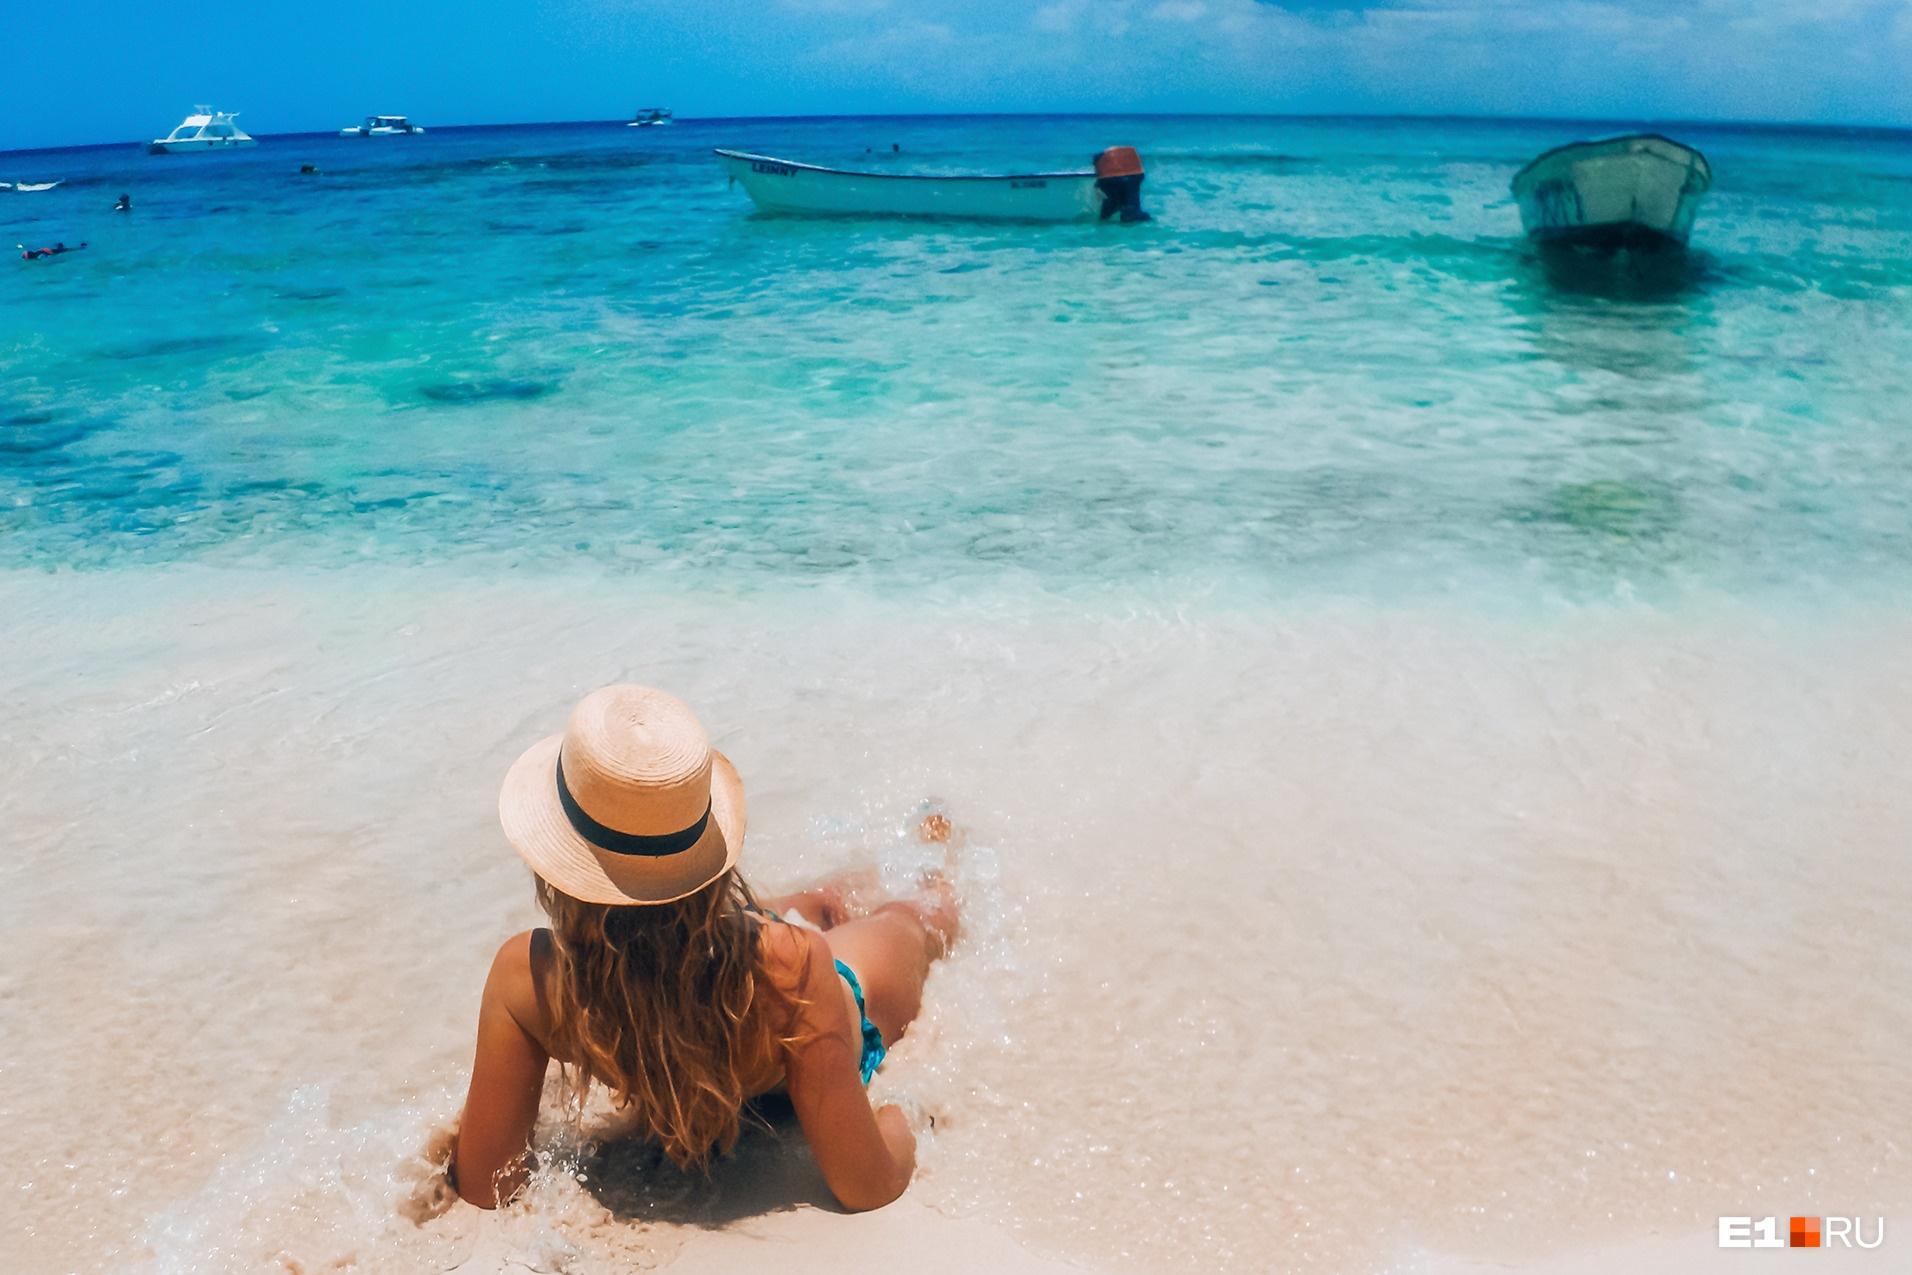 Отпуск в пандемию: правила въезда в Доминикану в 2021 году